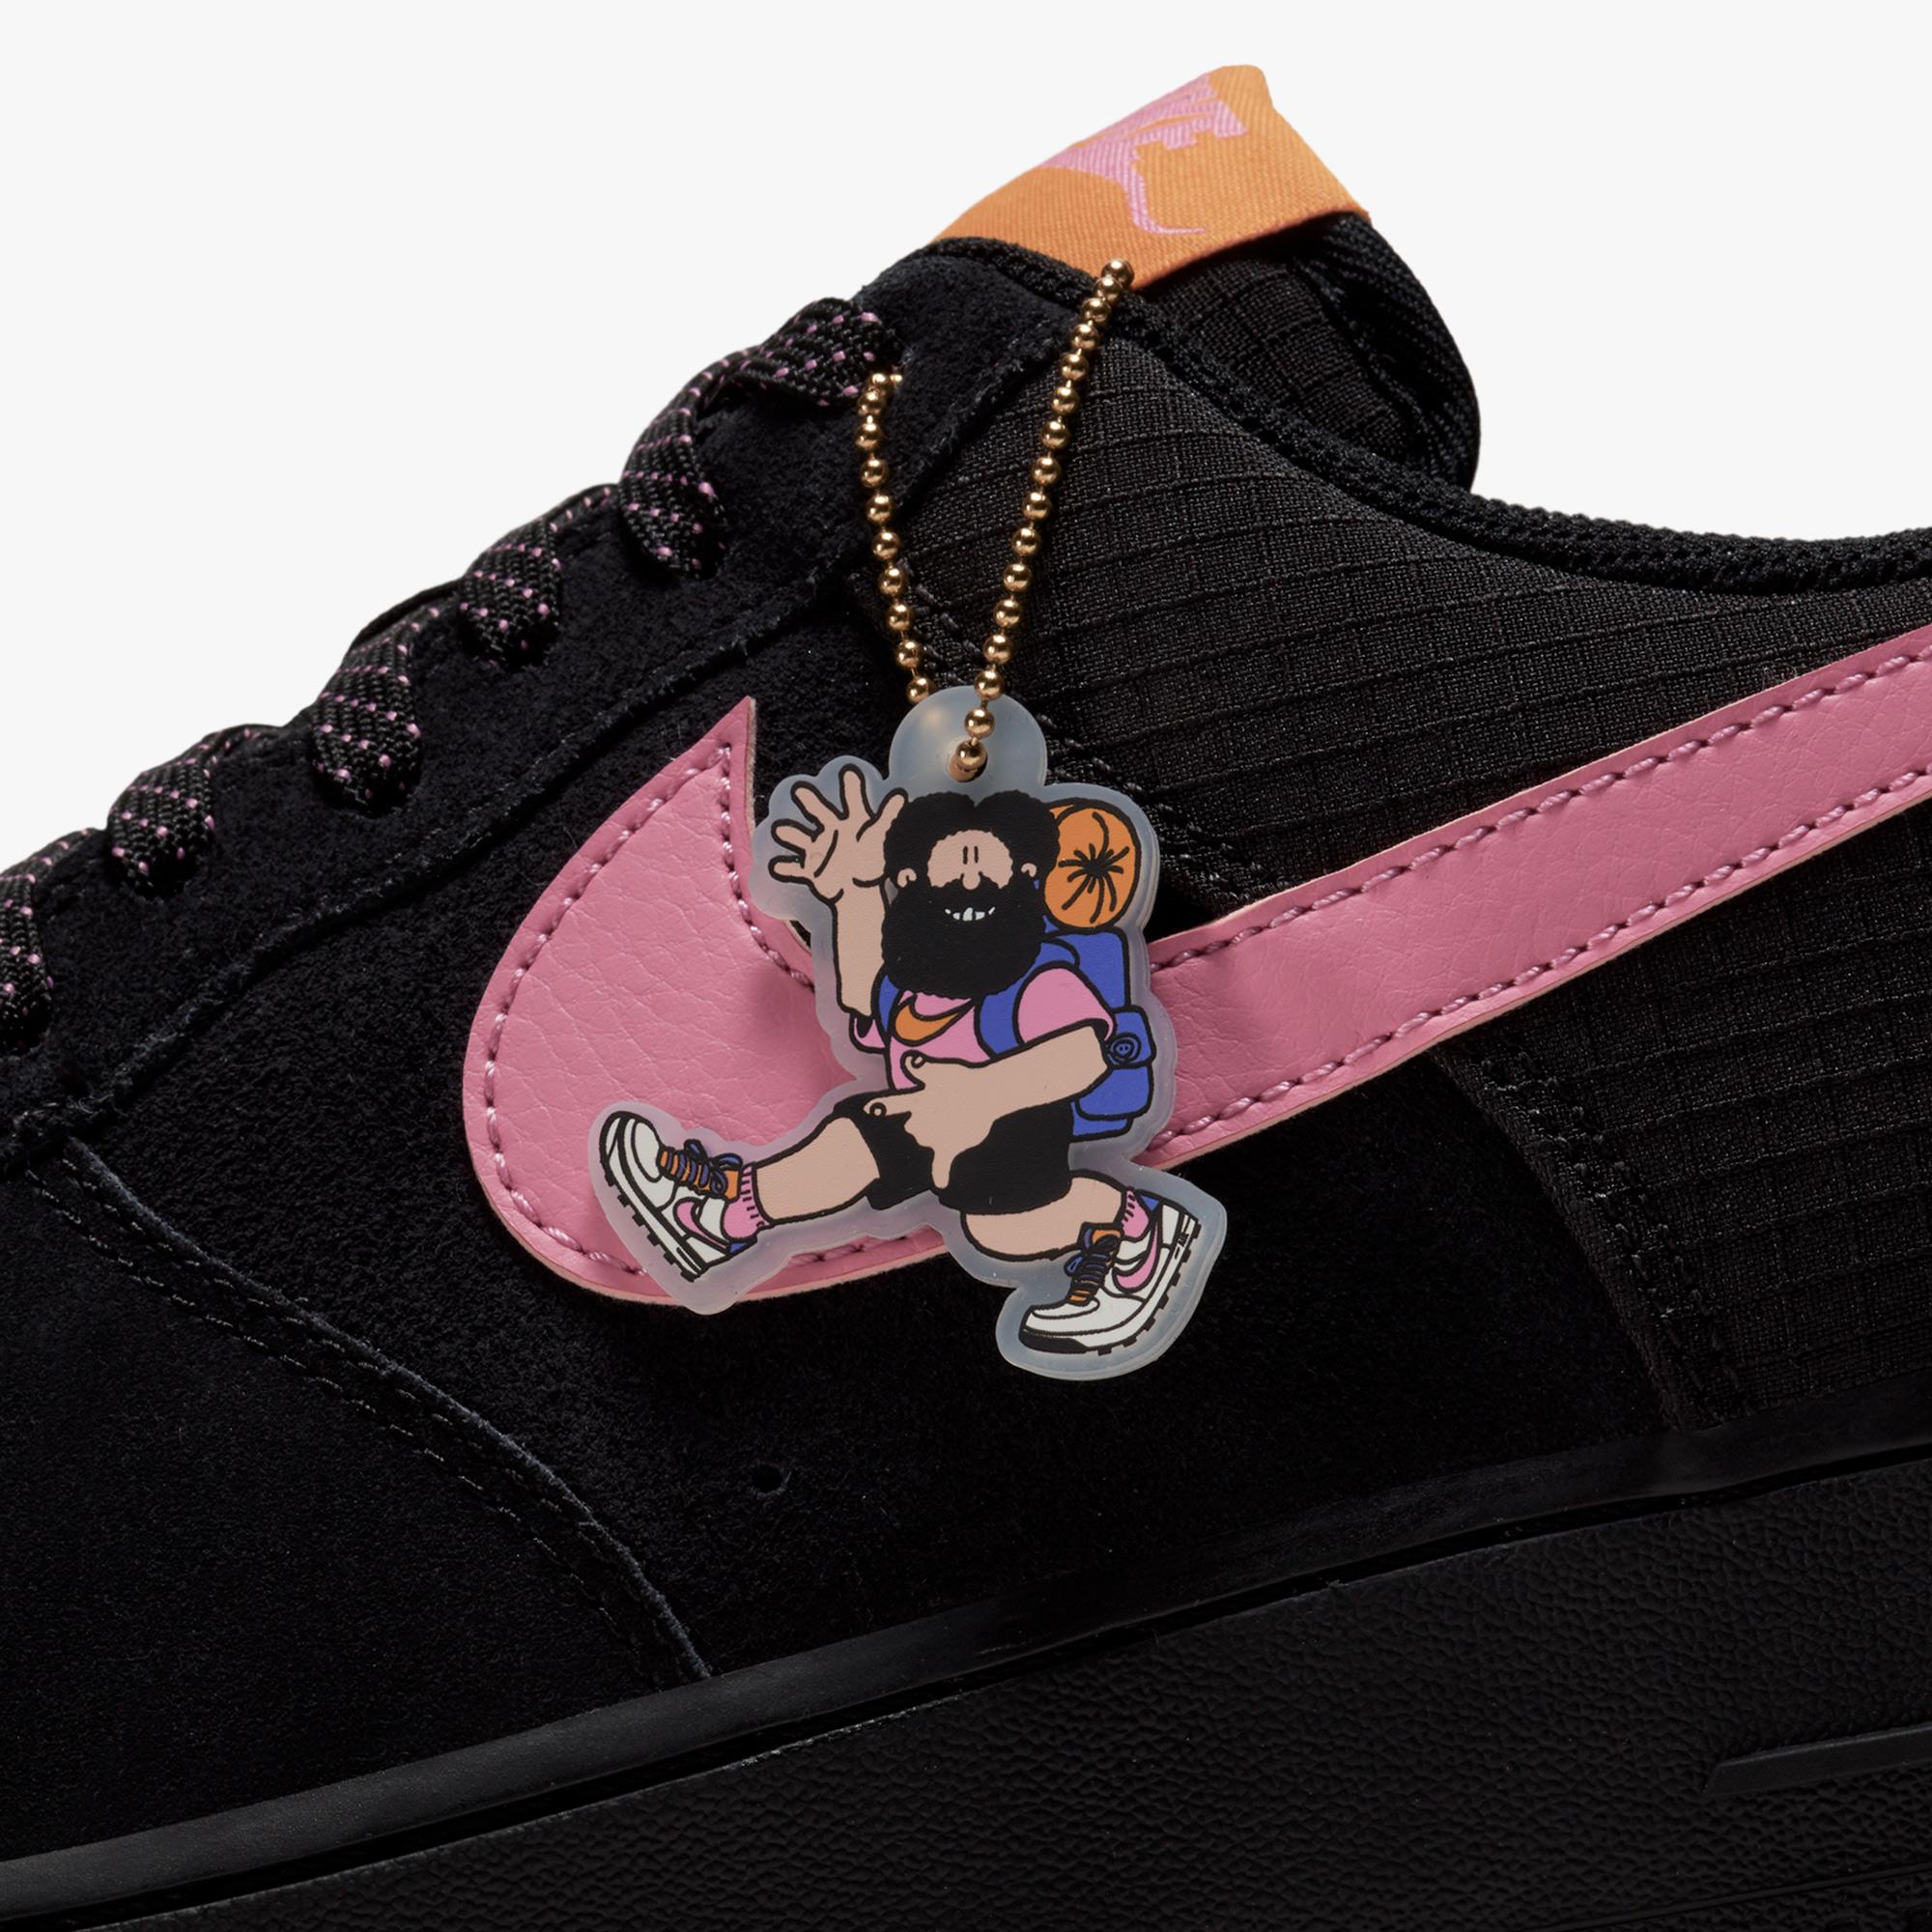 Nike Air Force 1 '07 LV8 - Cd0887-001 - Sneakersnstuff ...